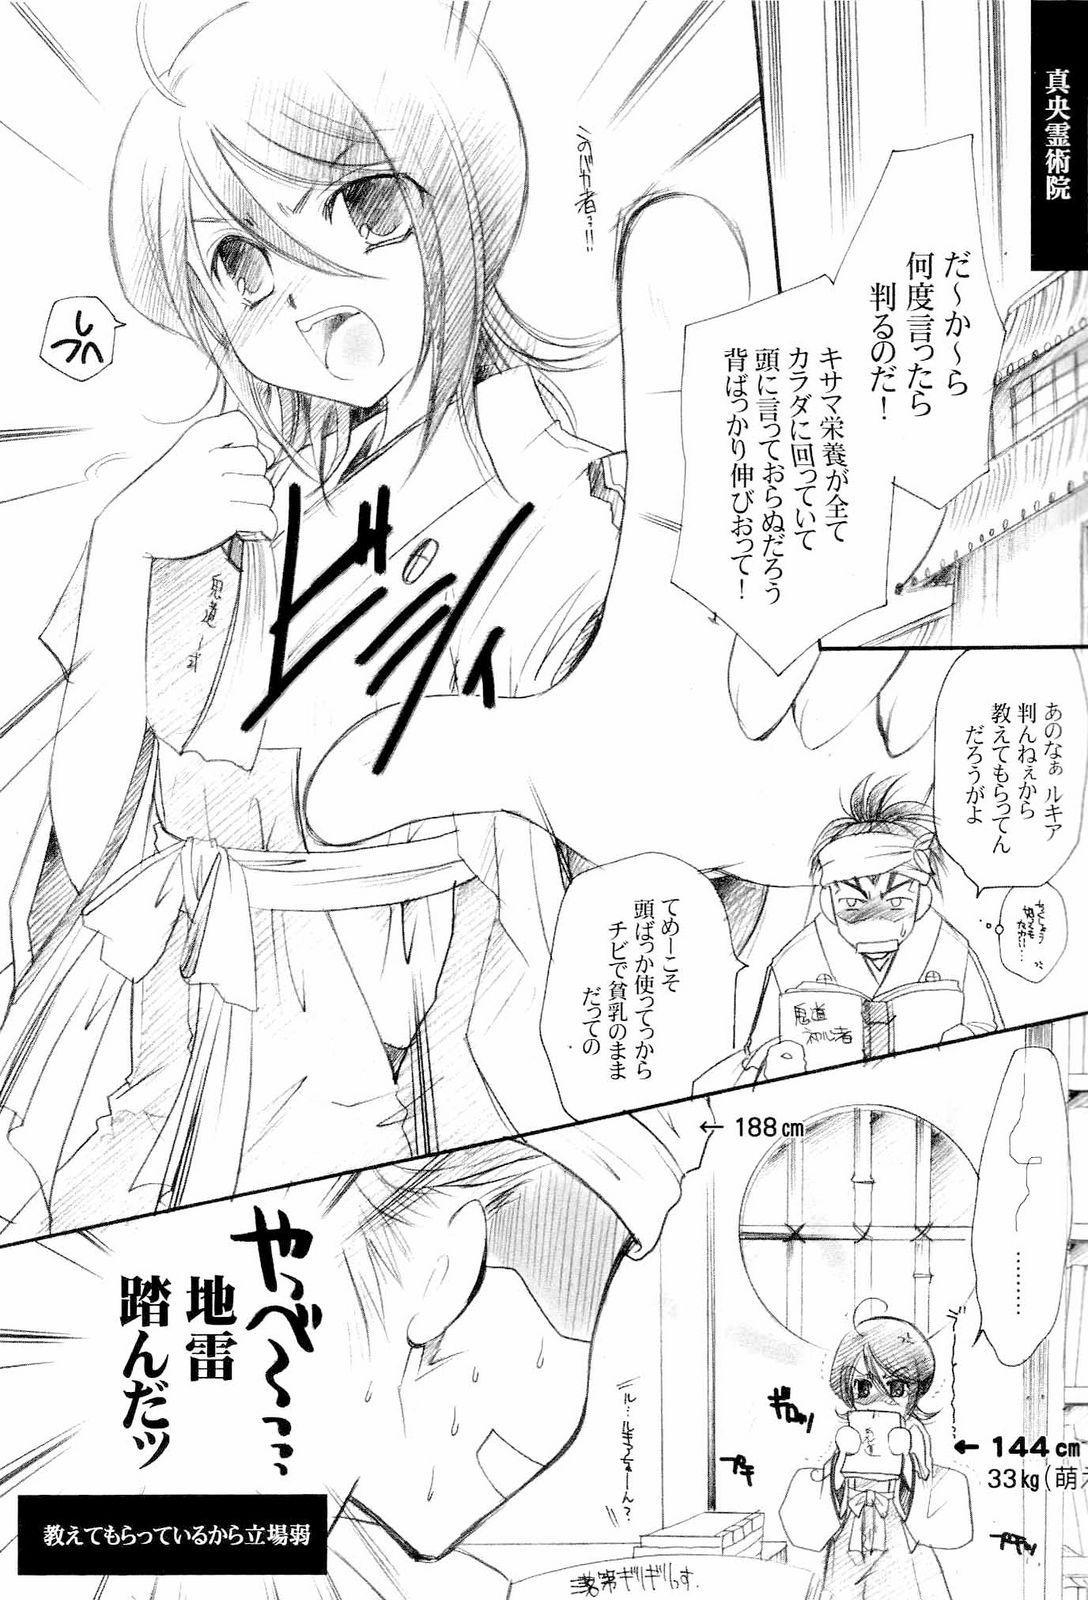 Usagi-chan Goyoujin 3